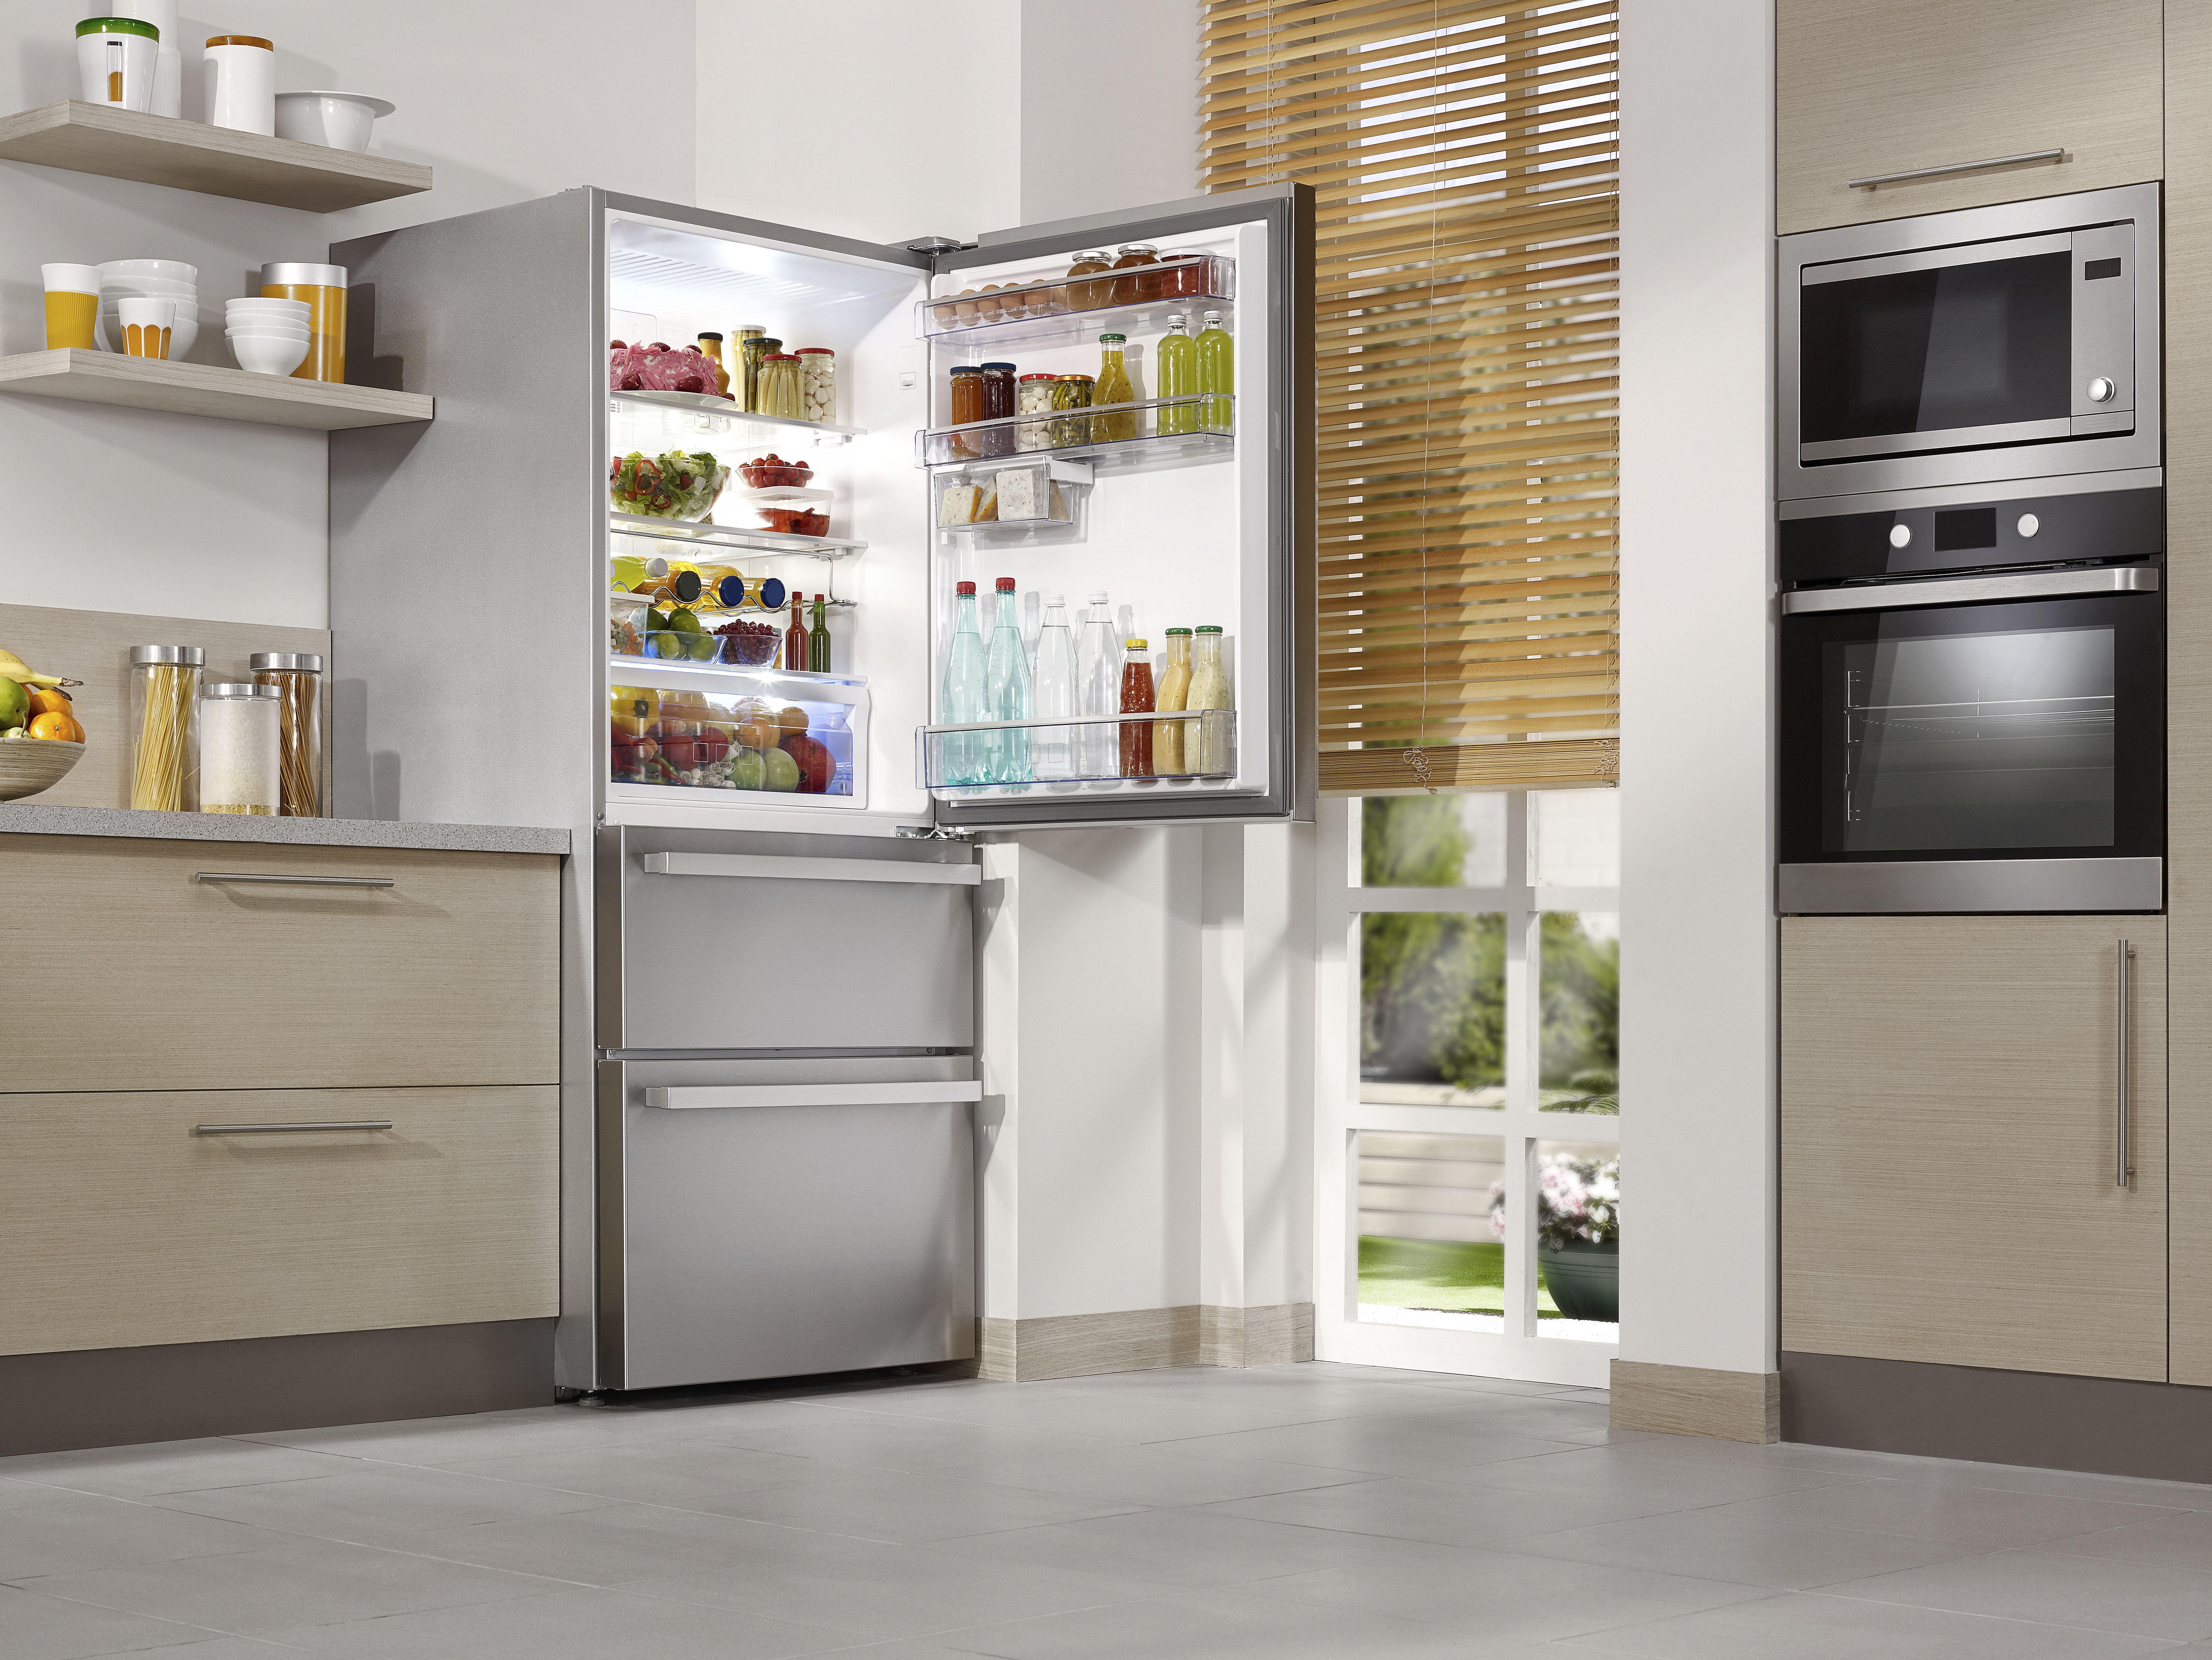 Dimensions Of A Standard Size Refrigerator Best Refrigerator Kitchen Appliances White Modern Kitchen